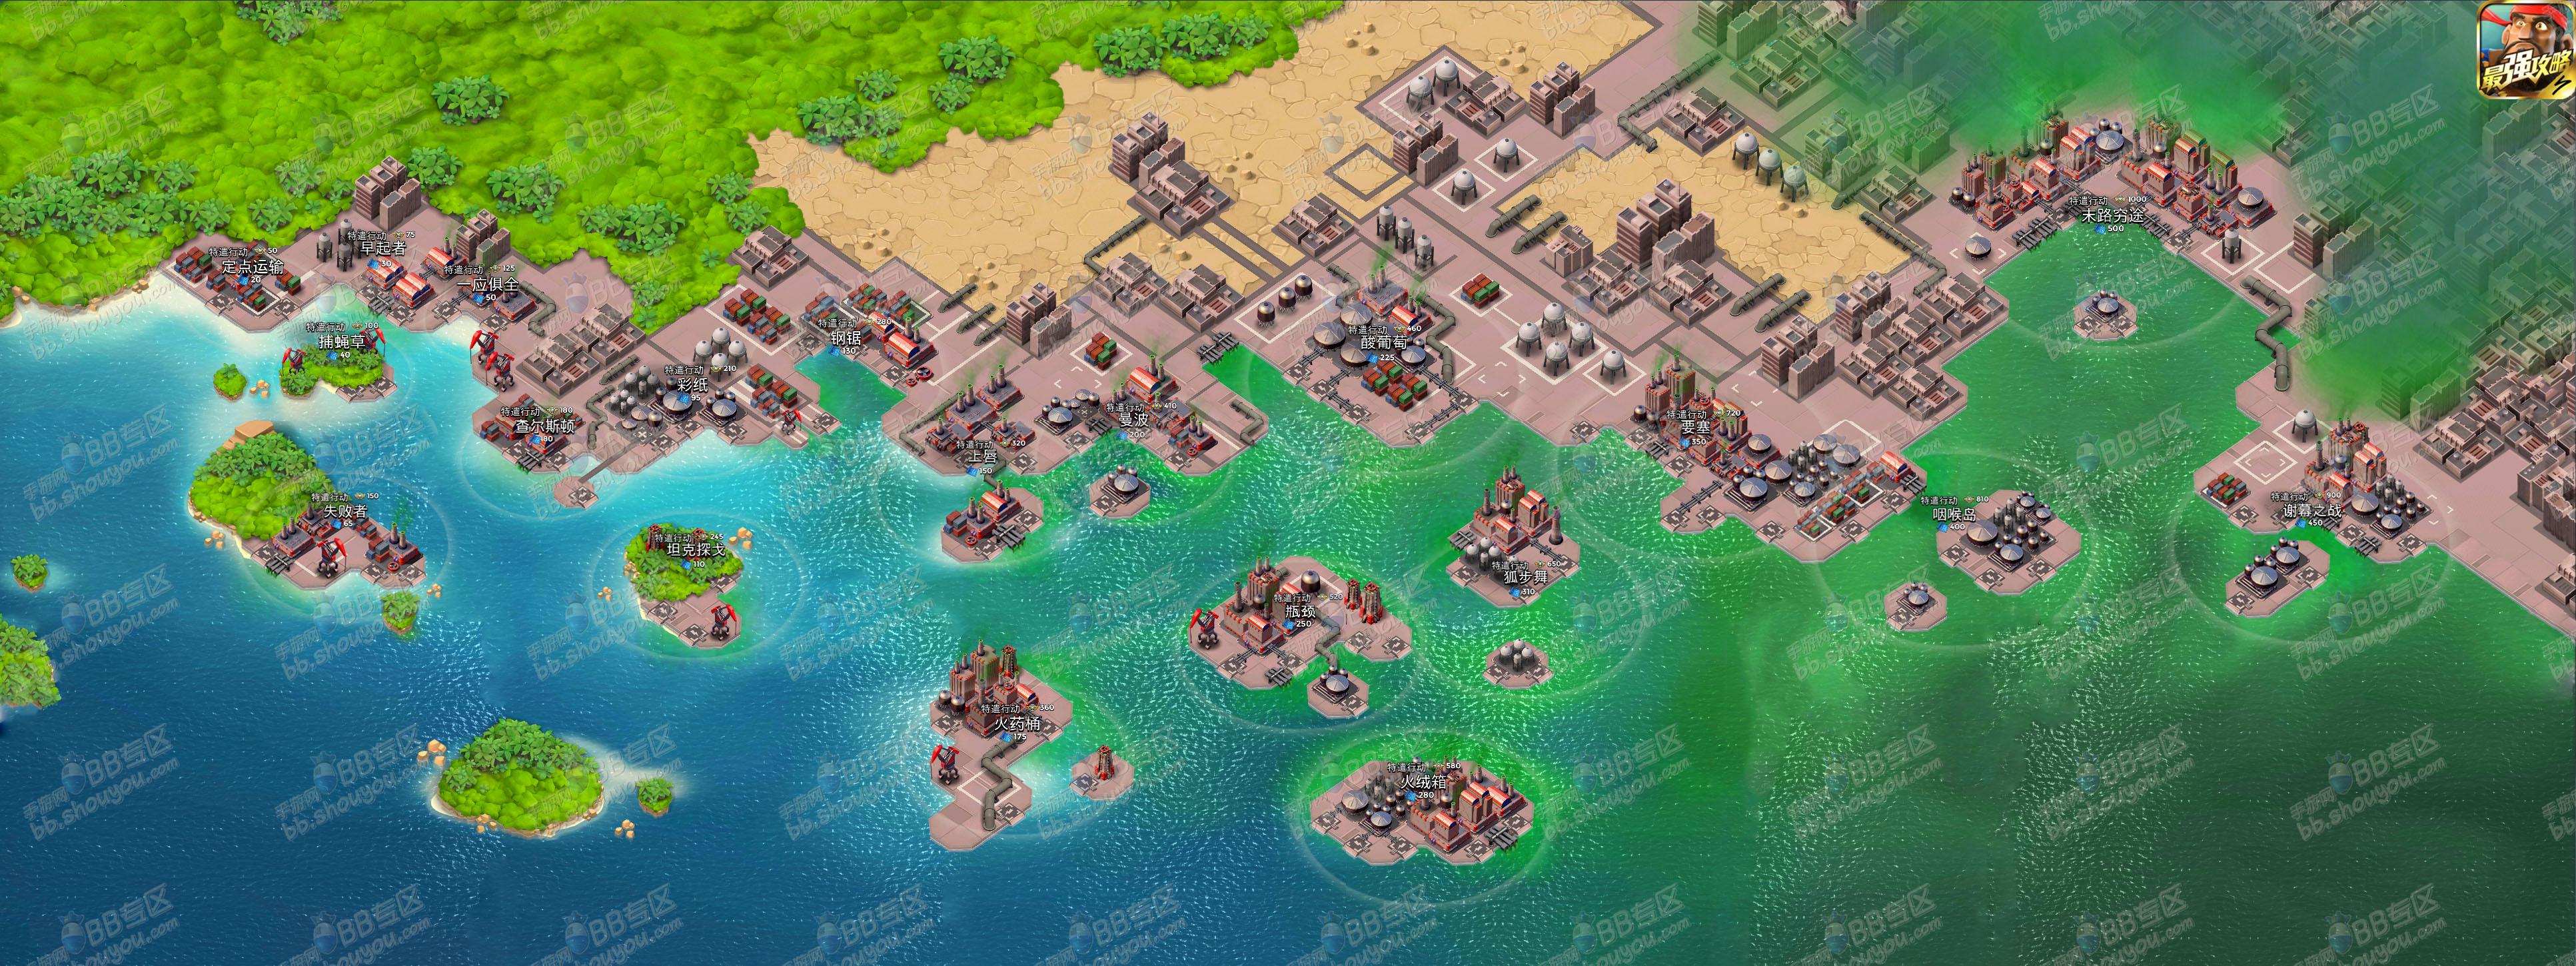 队能量基地大地图